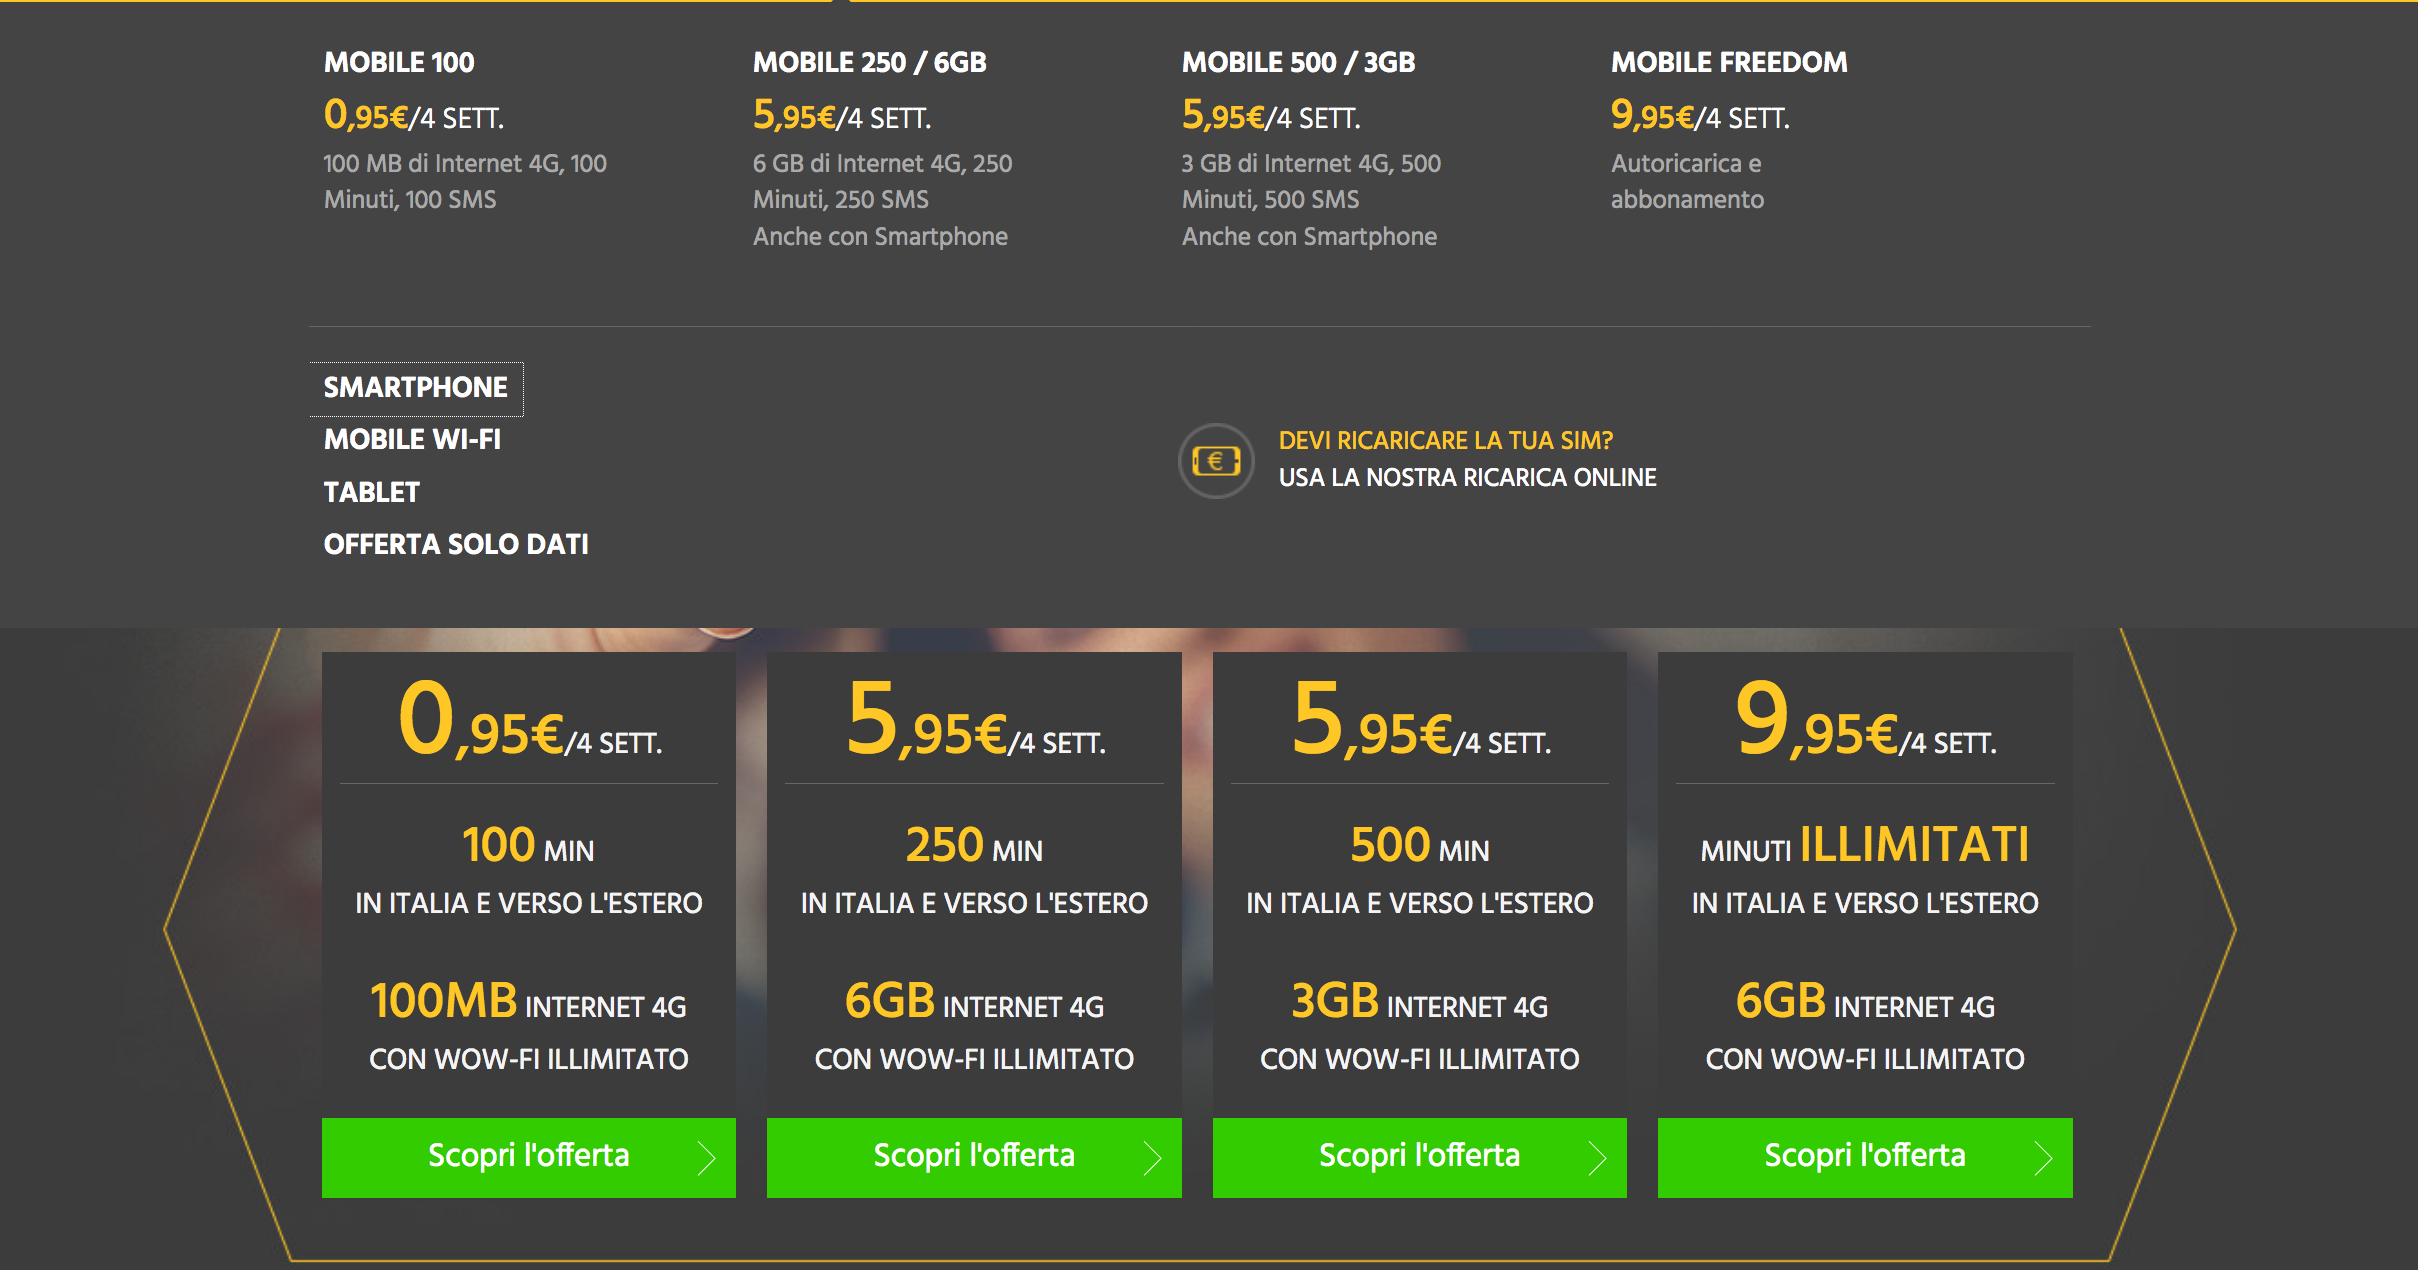 Promozioni Fastweb Mobile